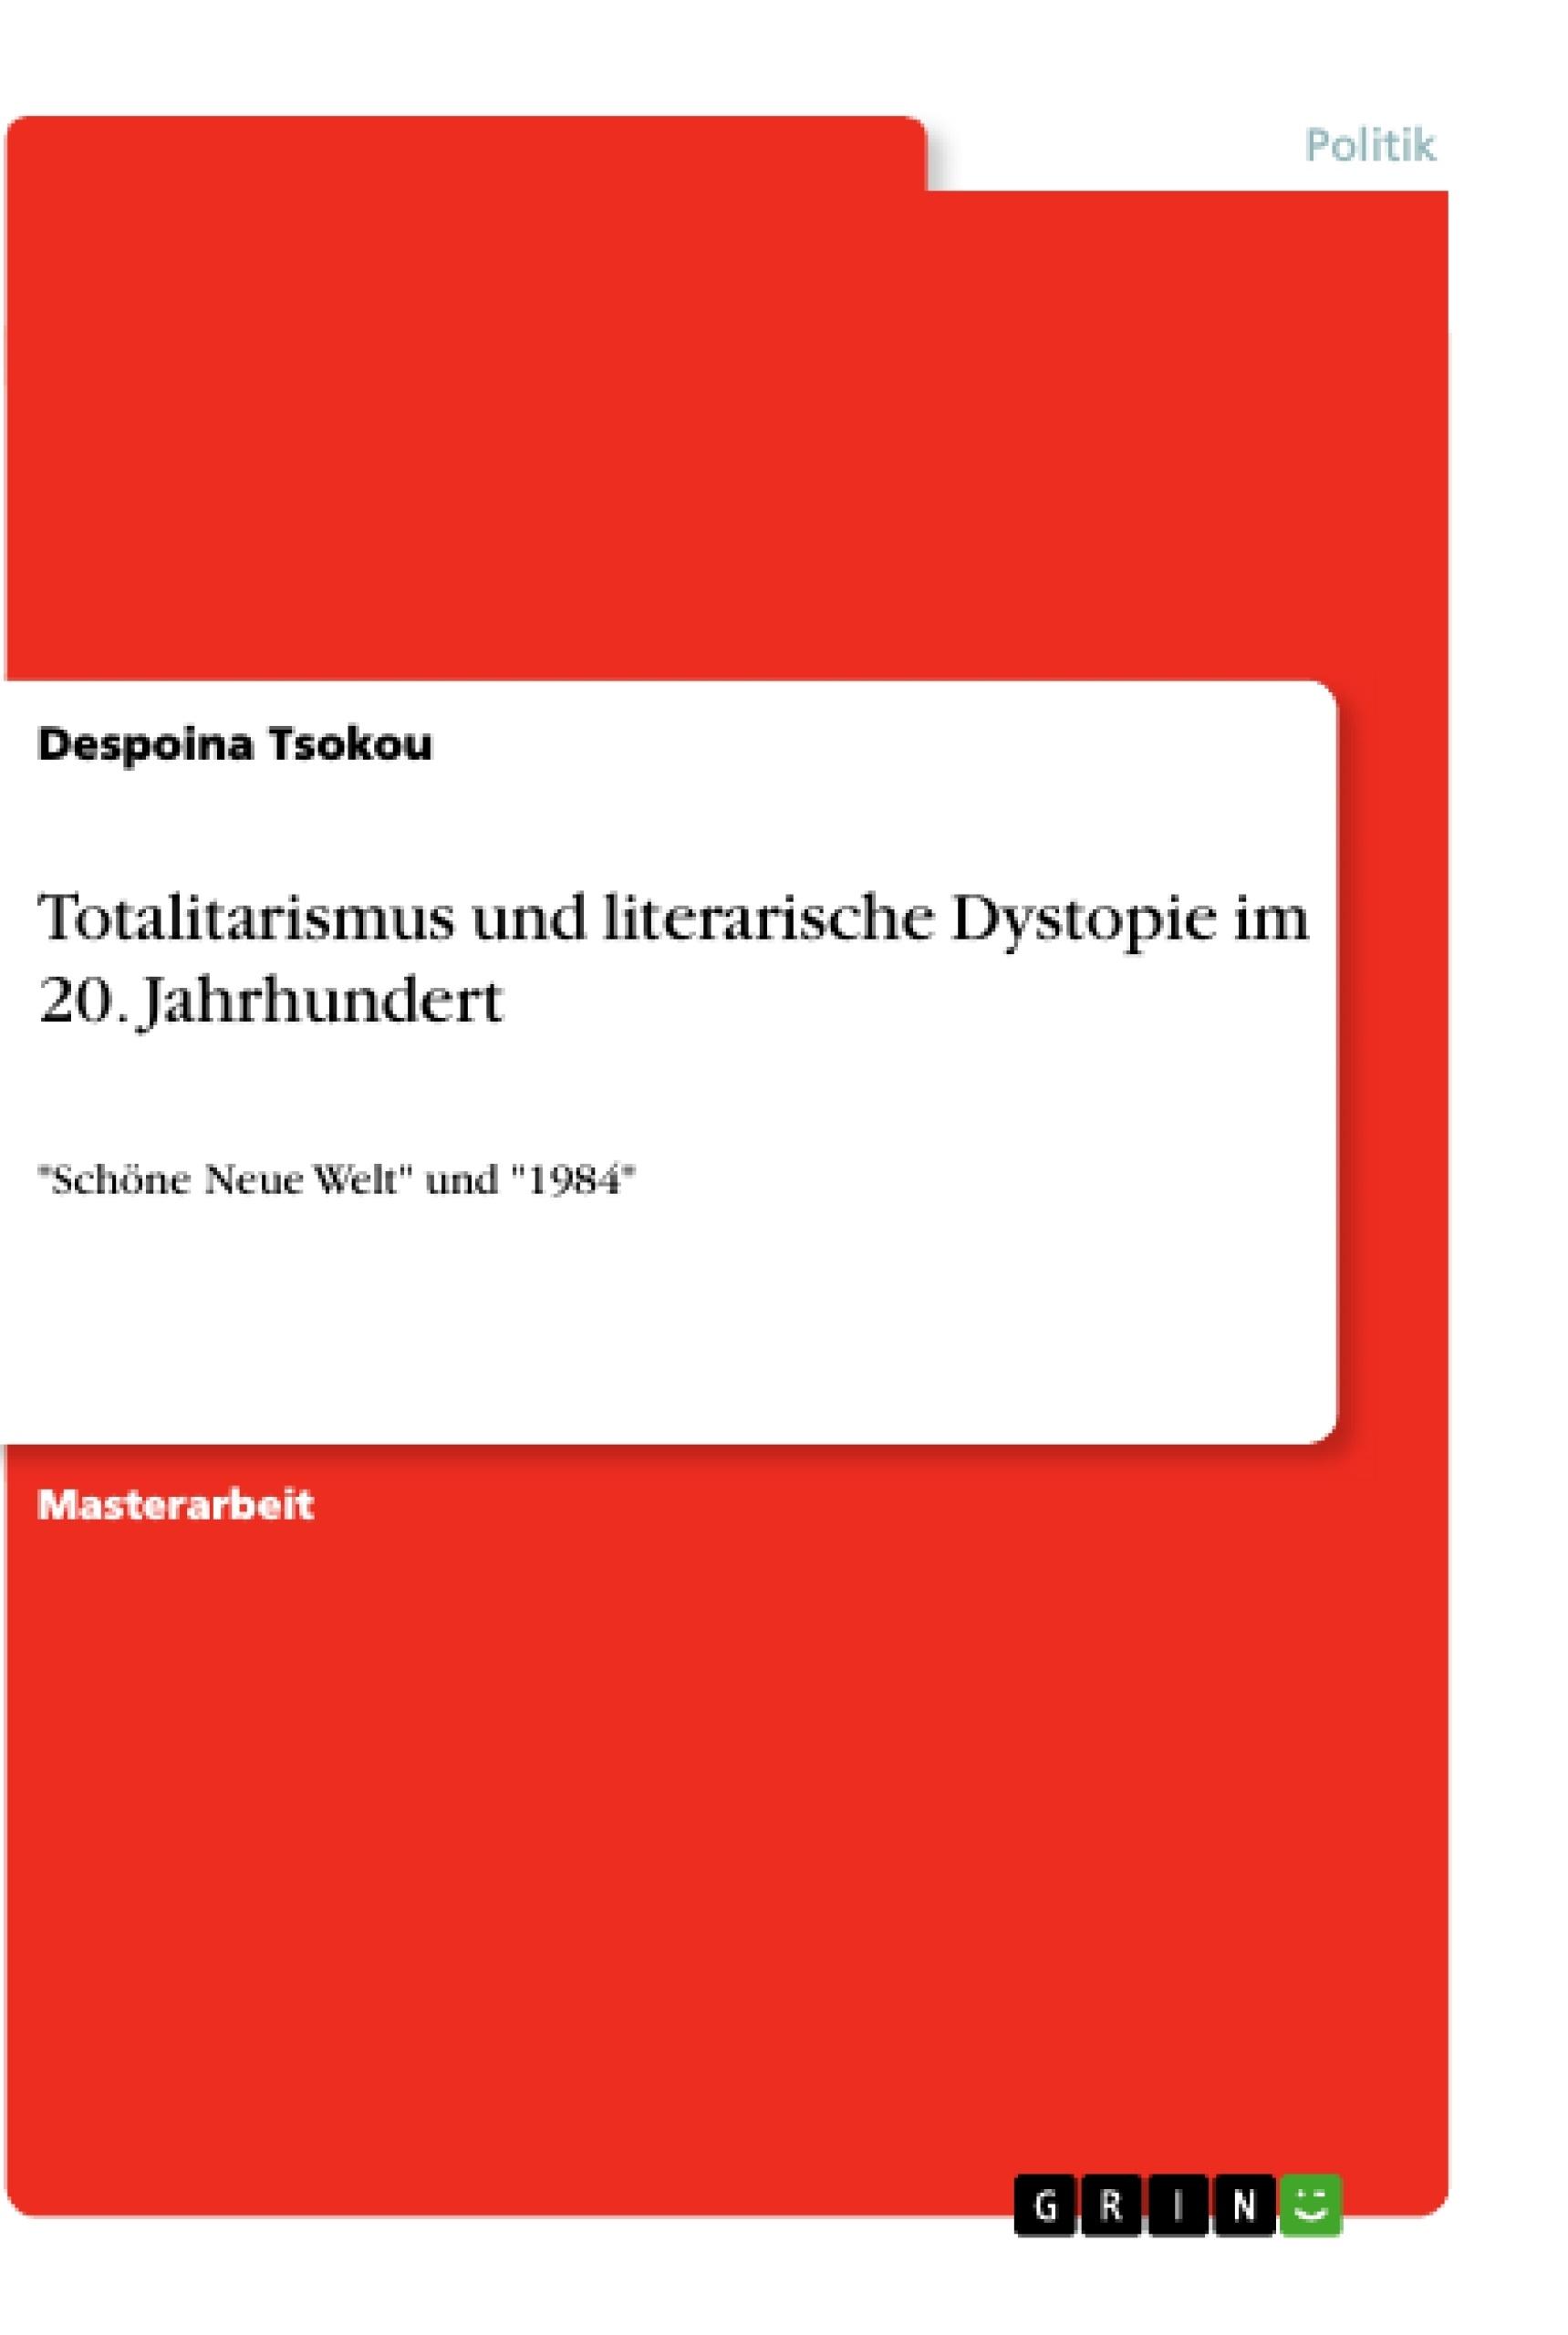 Titel: Totalitarismus und literarische Dystopie im 20. Jahrhundert